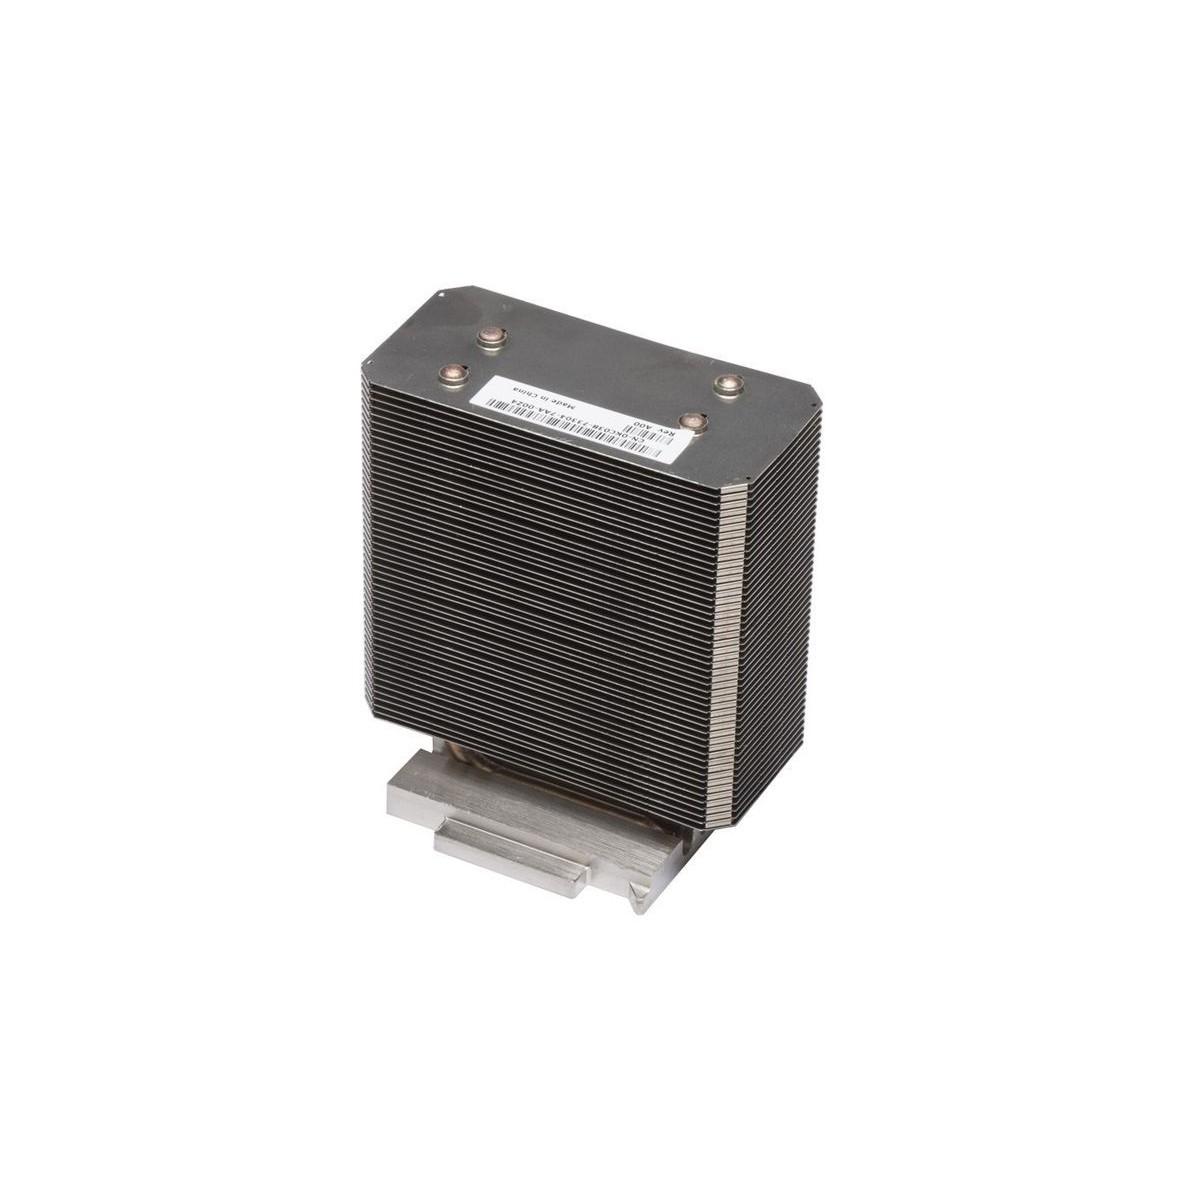 Radiator Heatsink DELL 1900 2900 0KC038